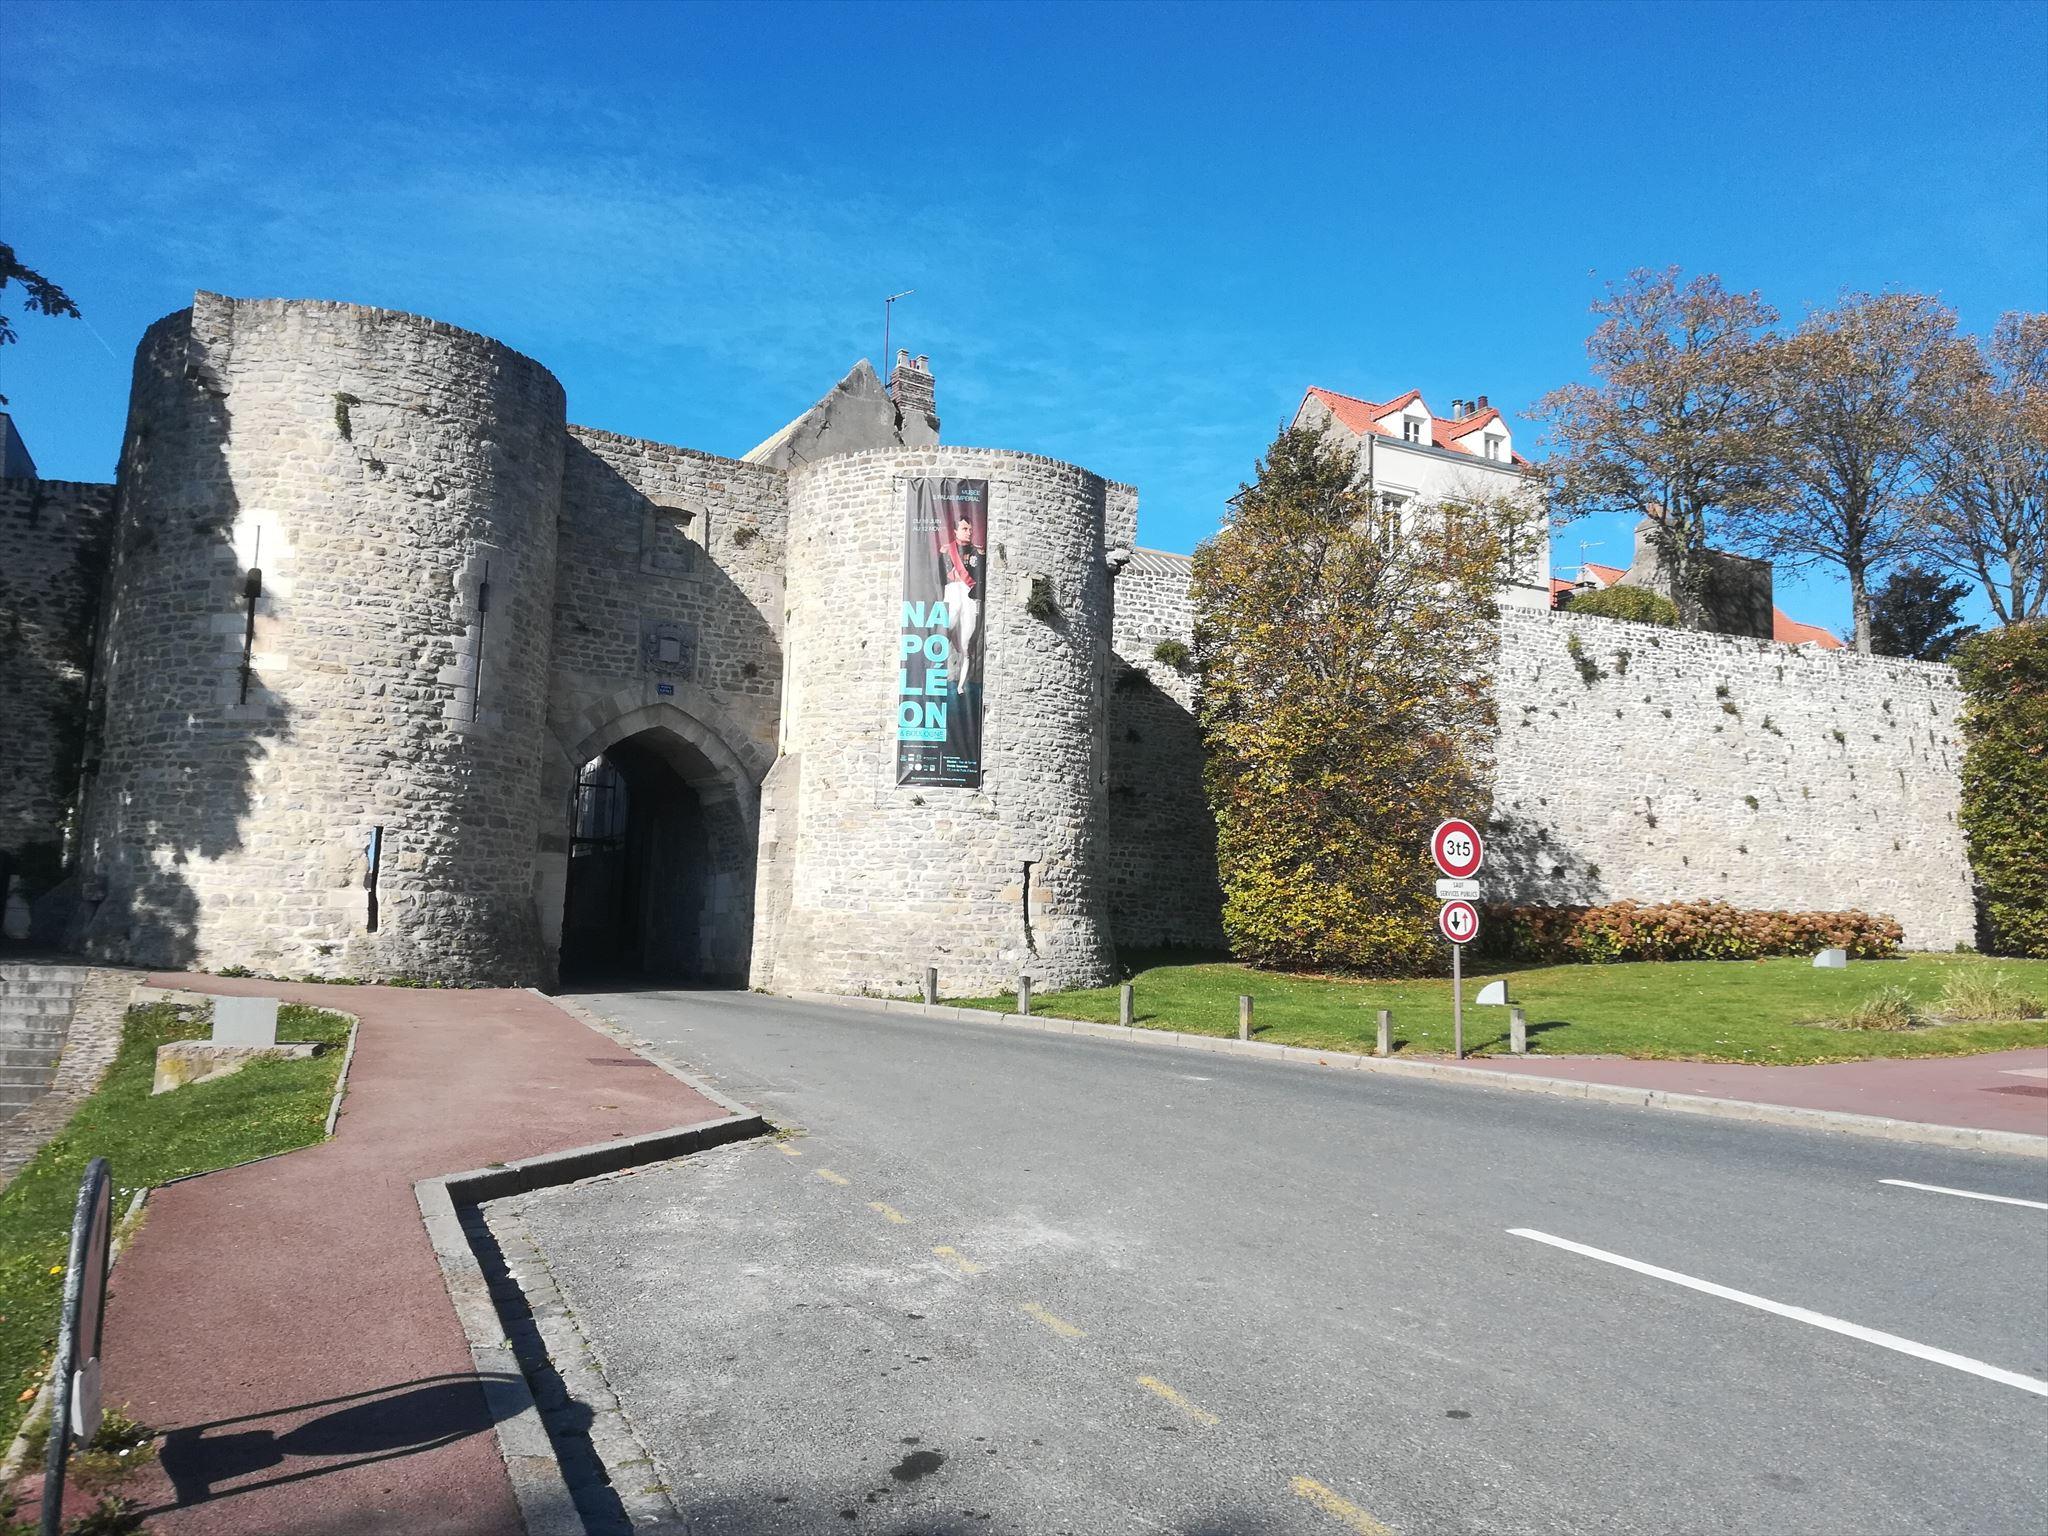 Porte gayolle boulogne sur mer france monuments for Porte de garage boulogne sur mer